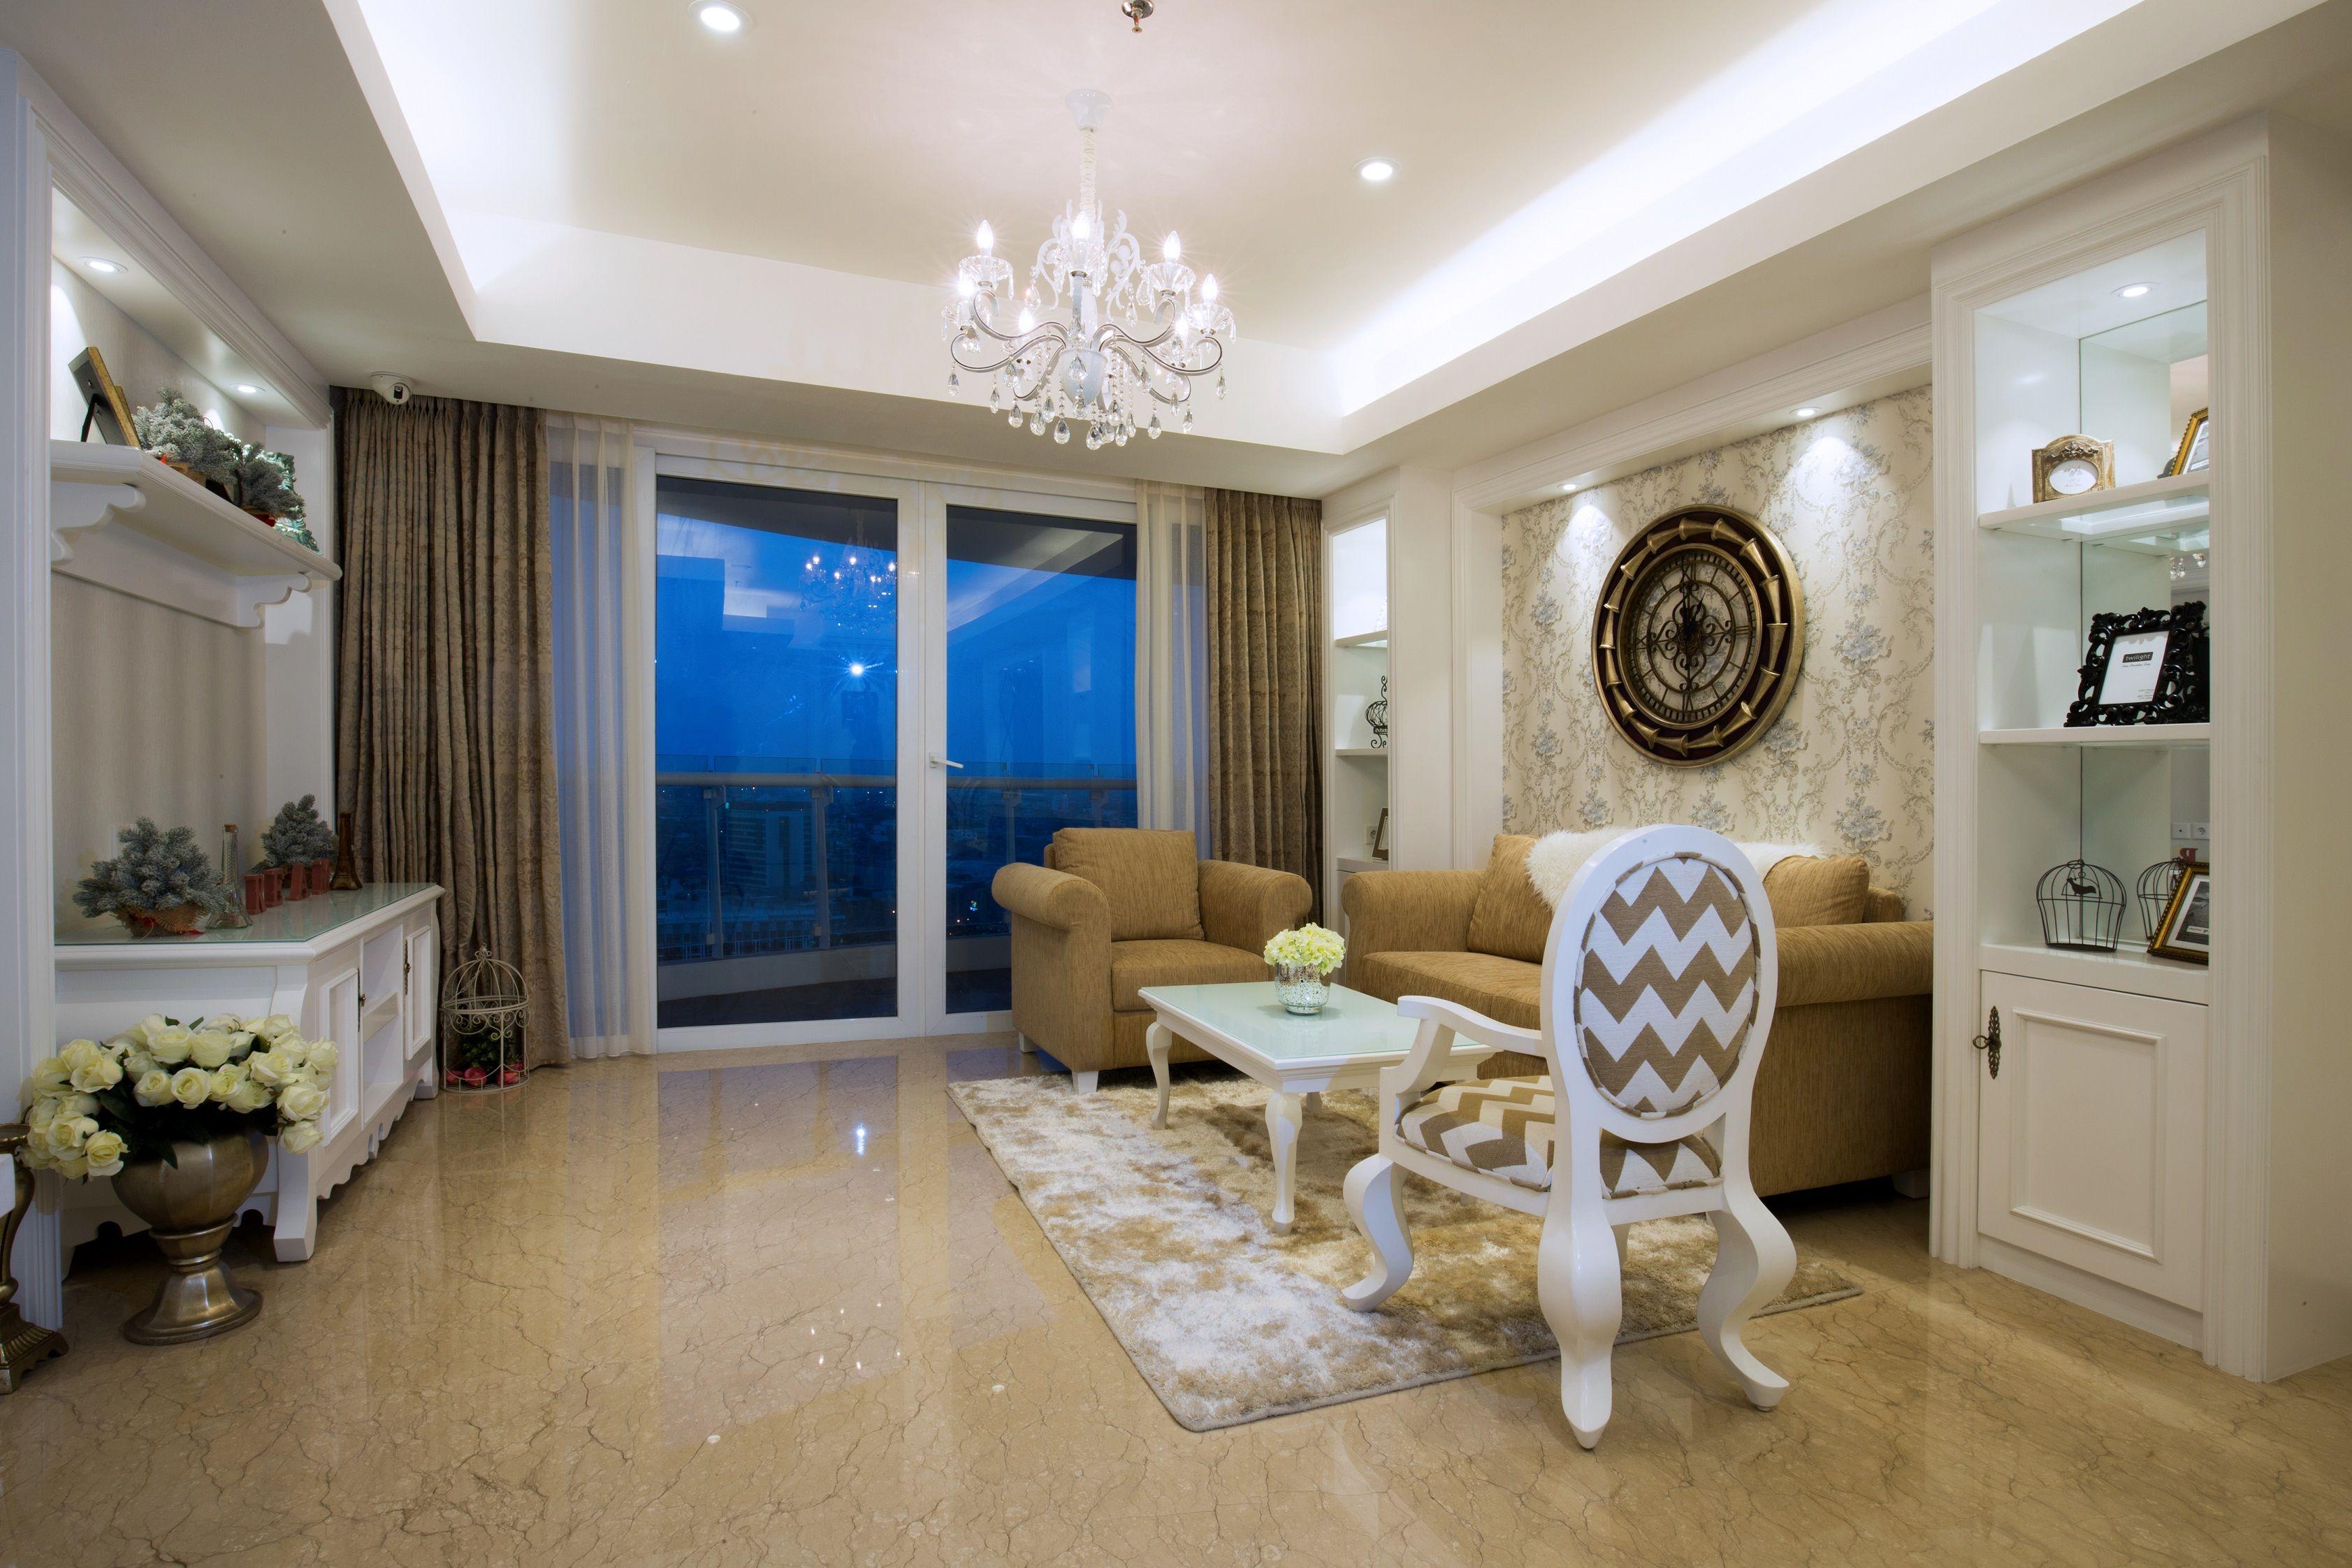 Ide desain ruang tamu bergaya klasik | Portofolio By : DX ...